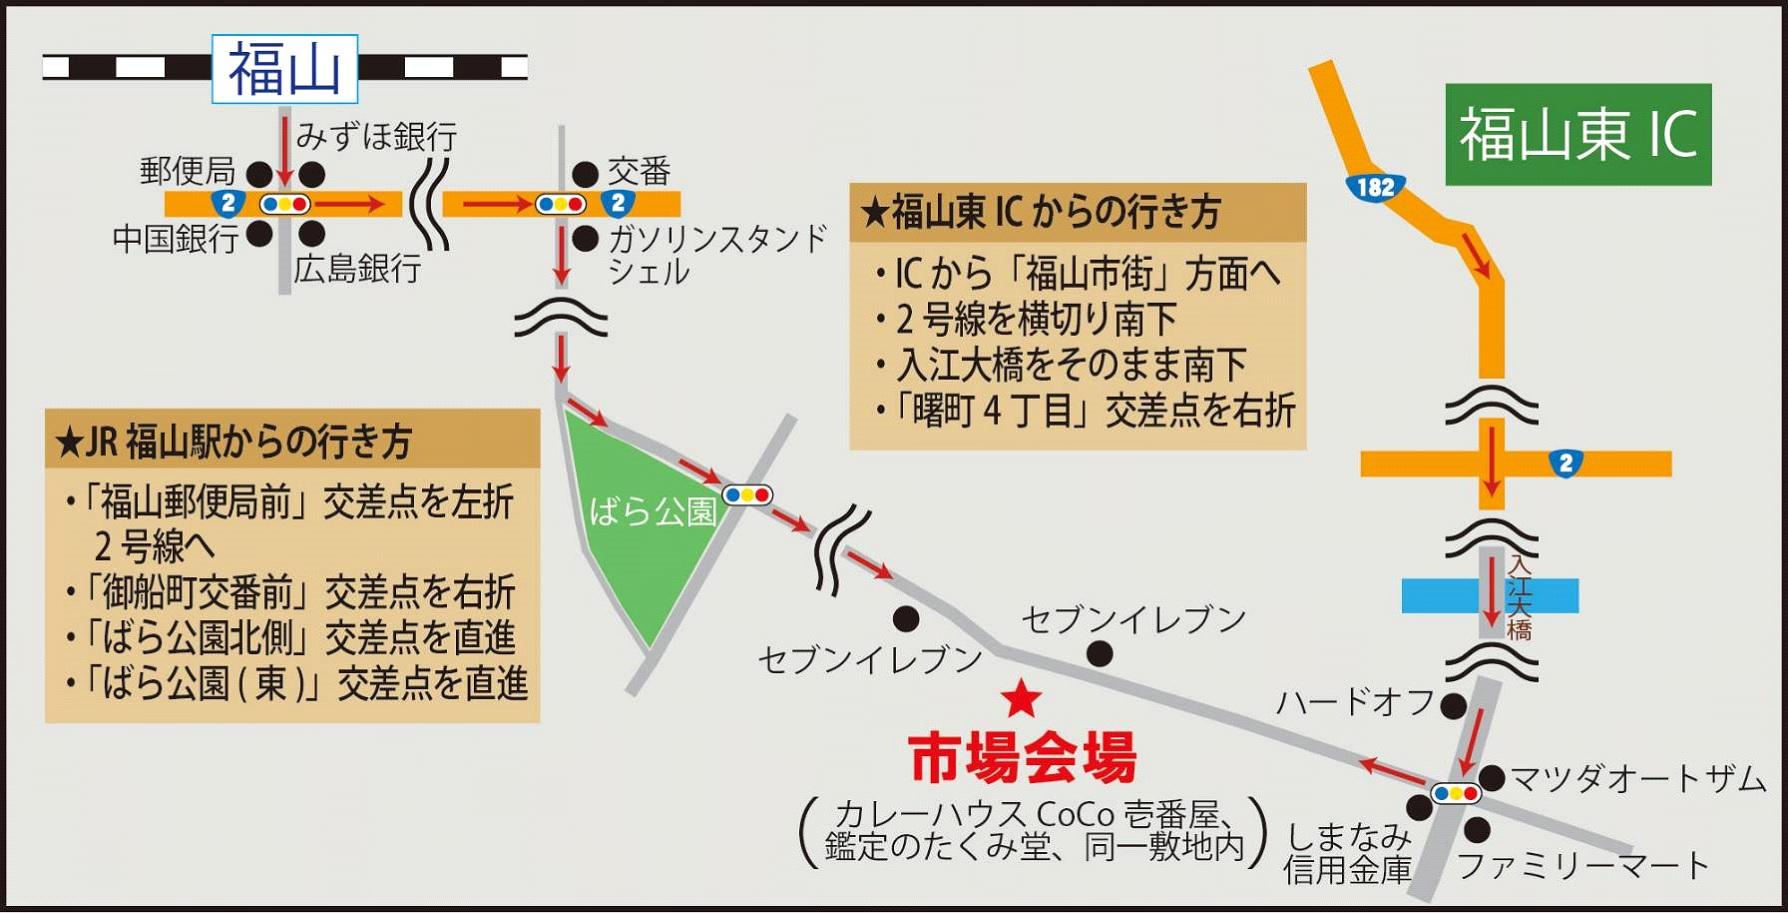 笠岡古美術会地図1